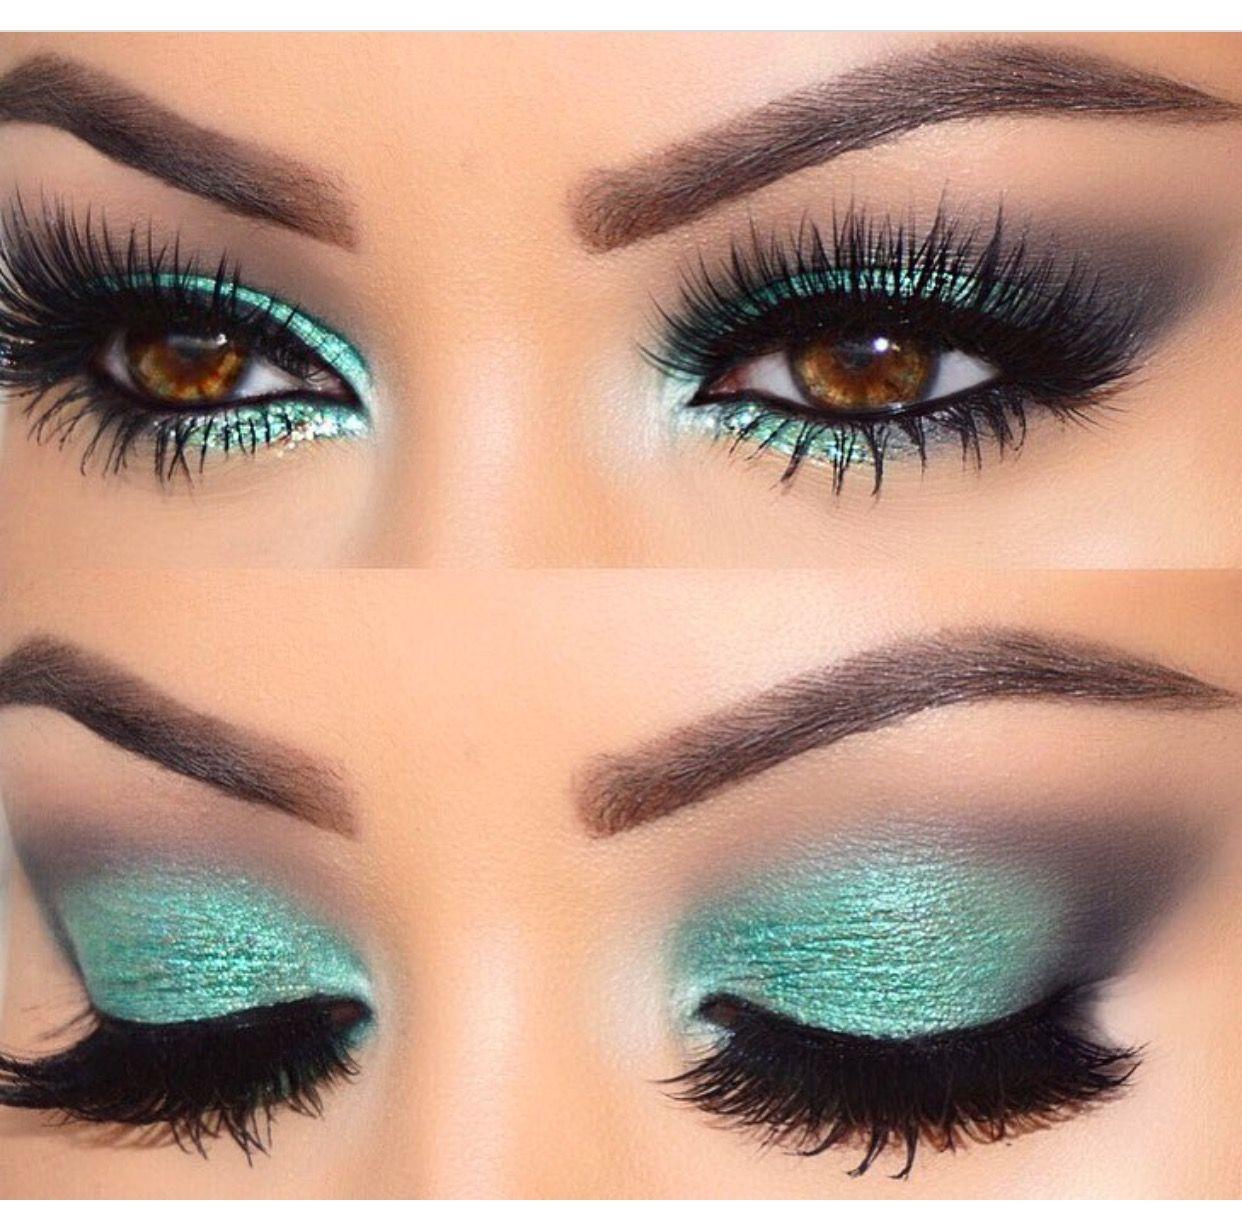 Teal eyeshadow ( I soooooo want that color) Eye makeup